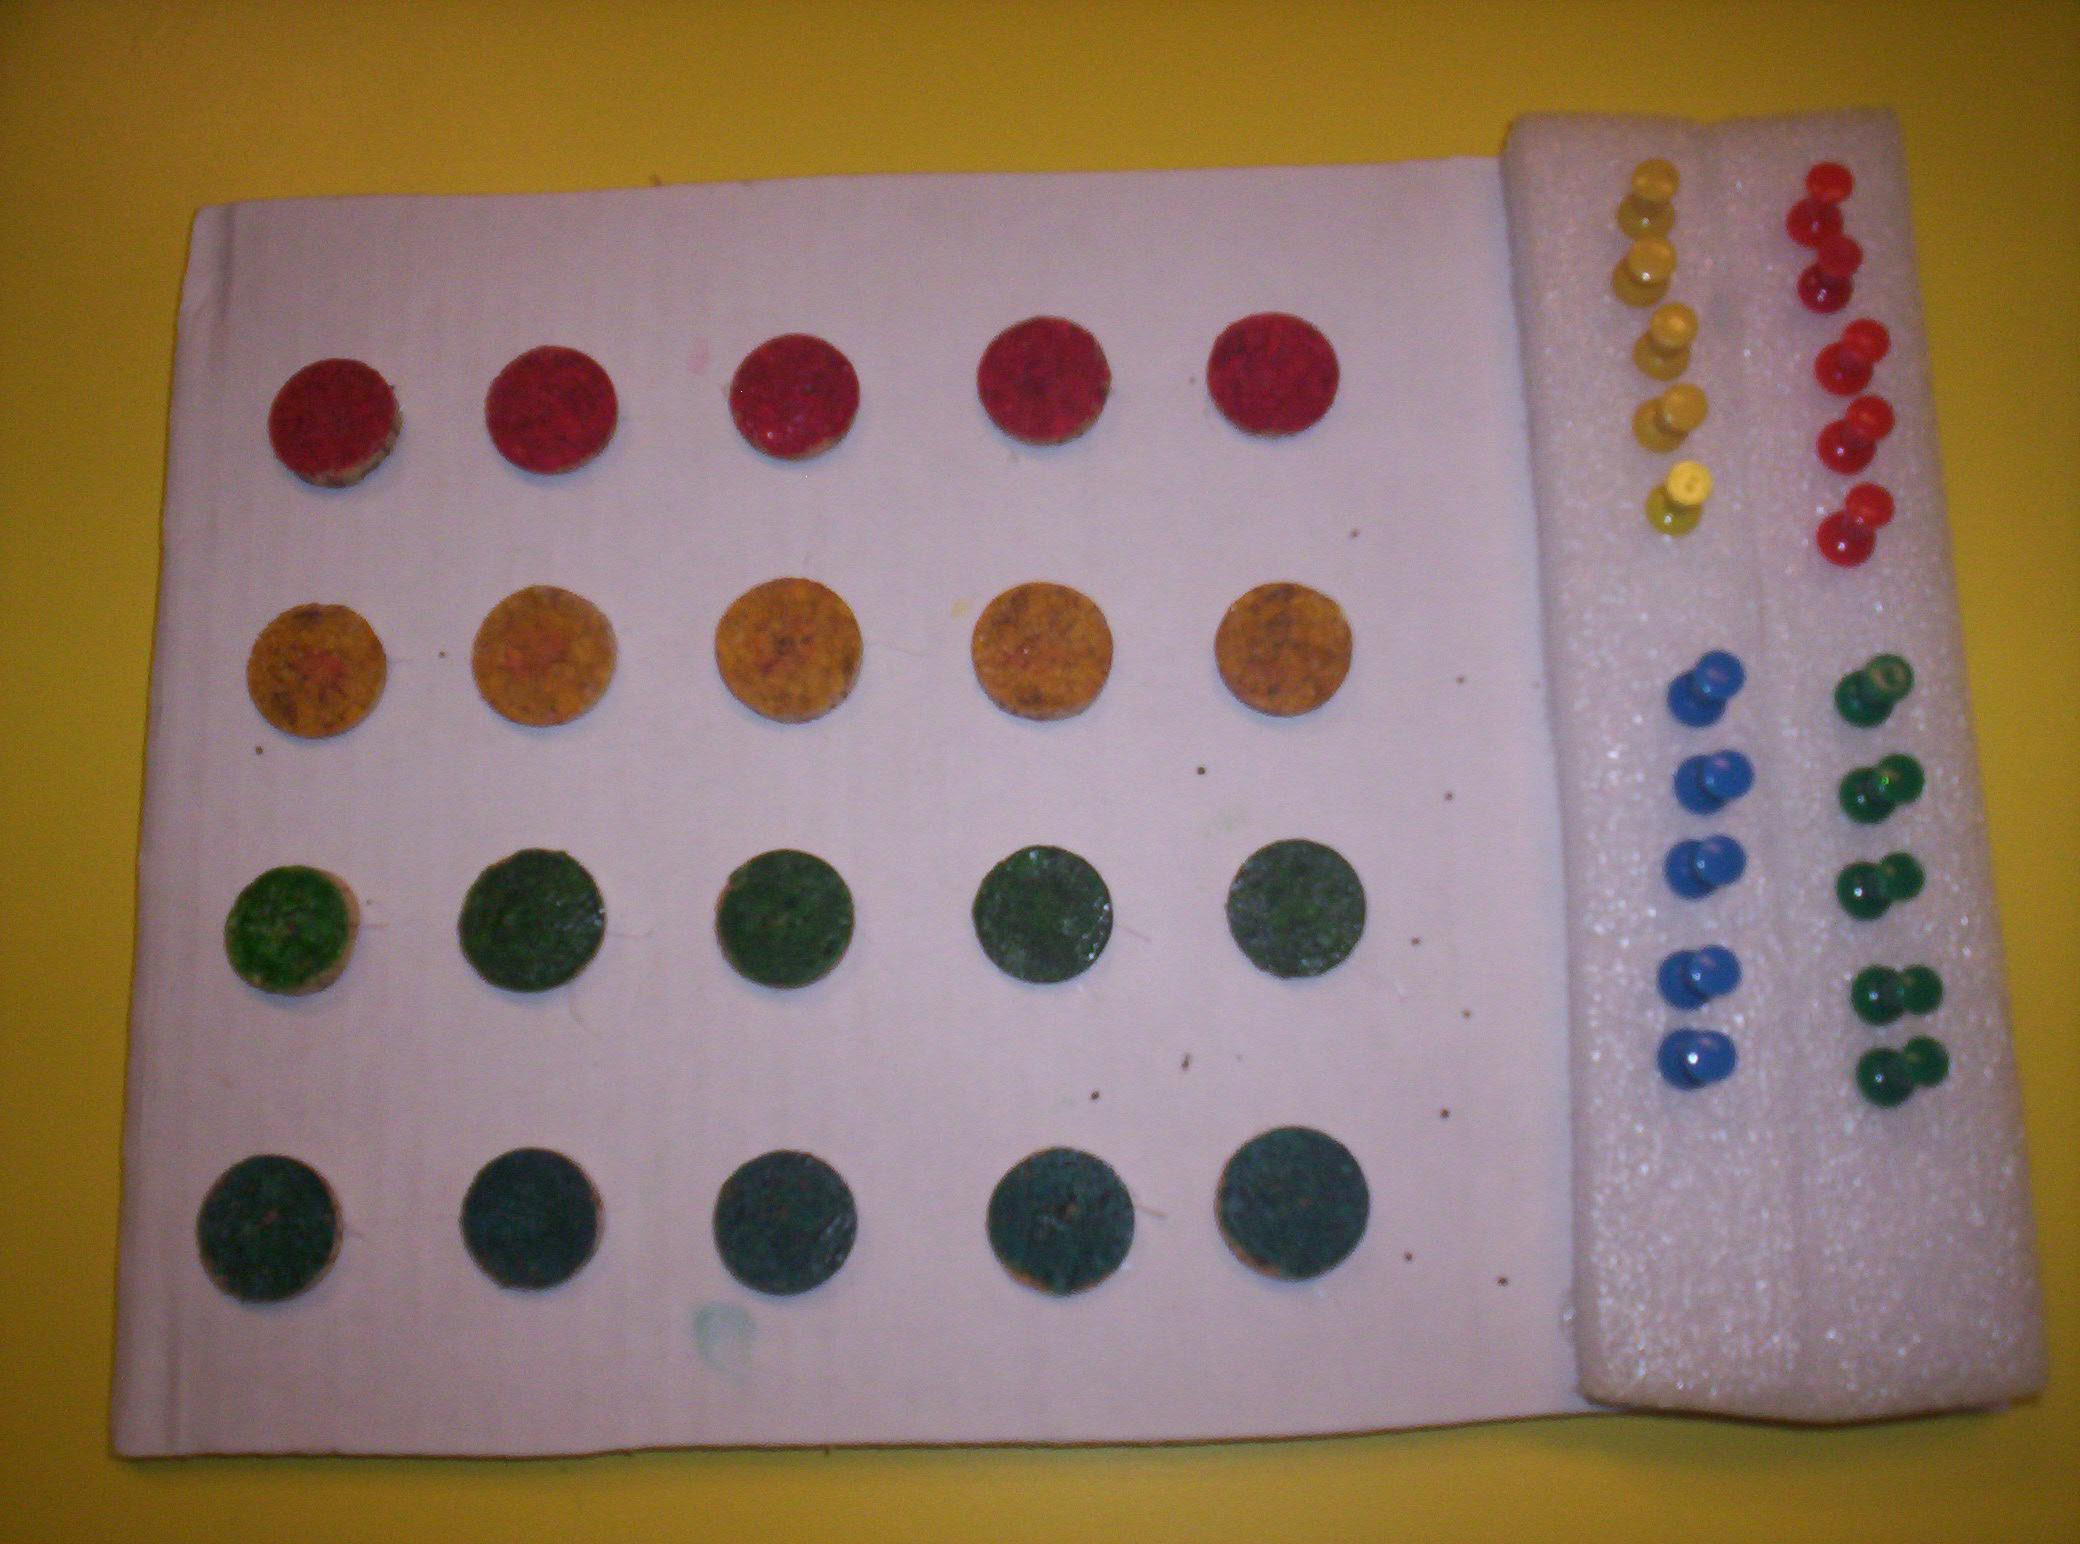 Sulla sinistra quattro file con cinque bollini per ciascuna di colore rosso, verde, giallo e blu. Sulla destra due colonne di puntine gialle, rosse blu e verdi.